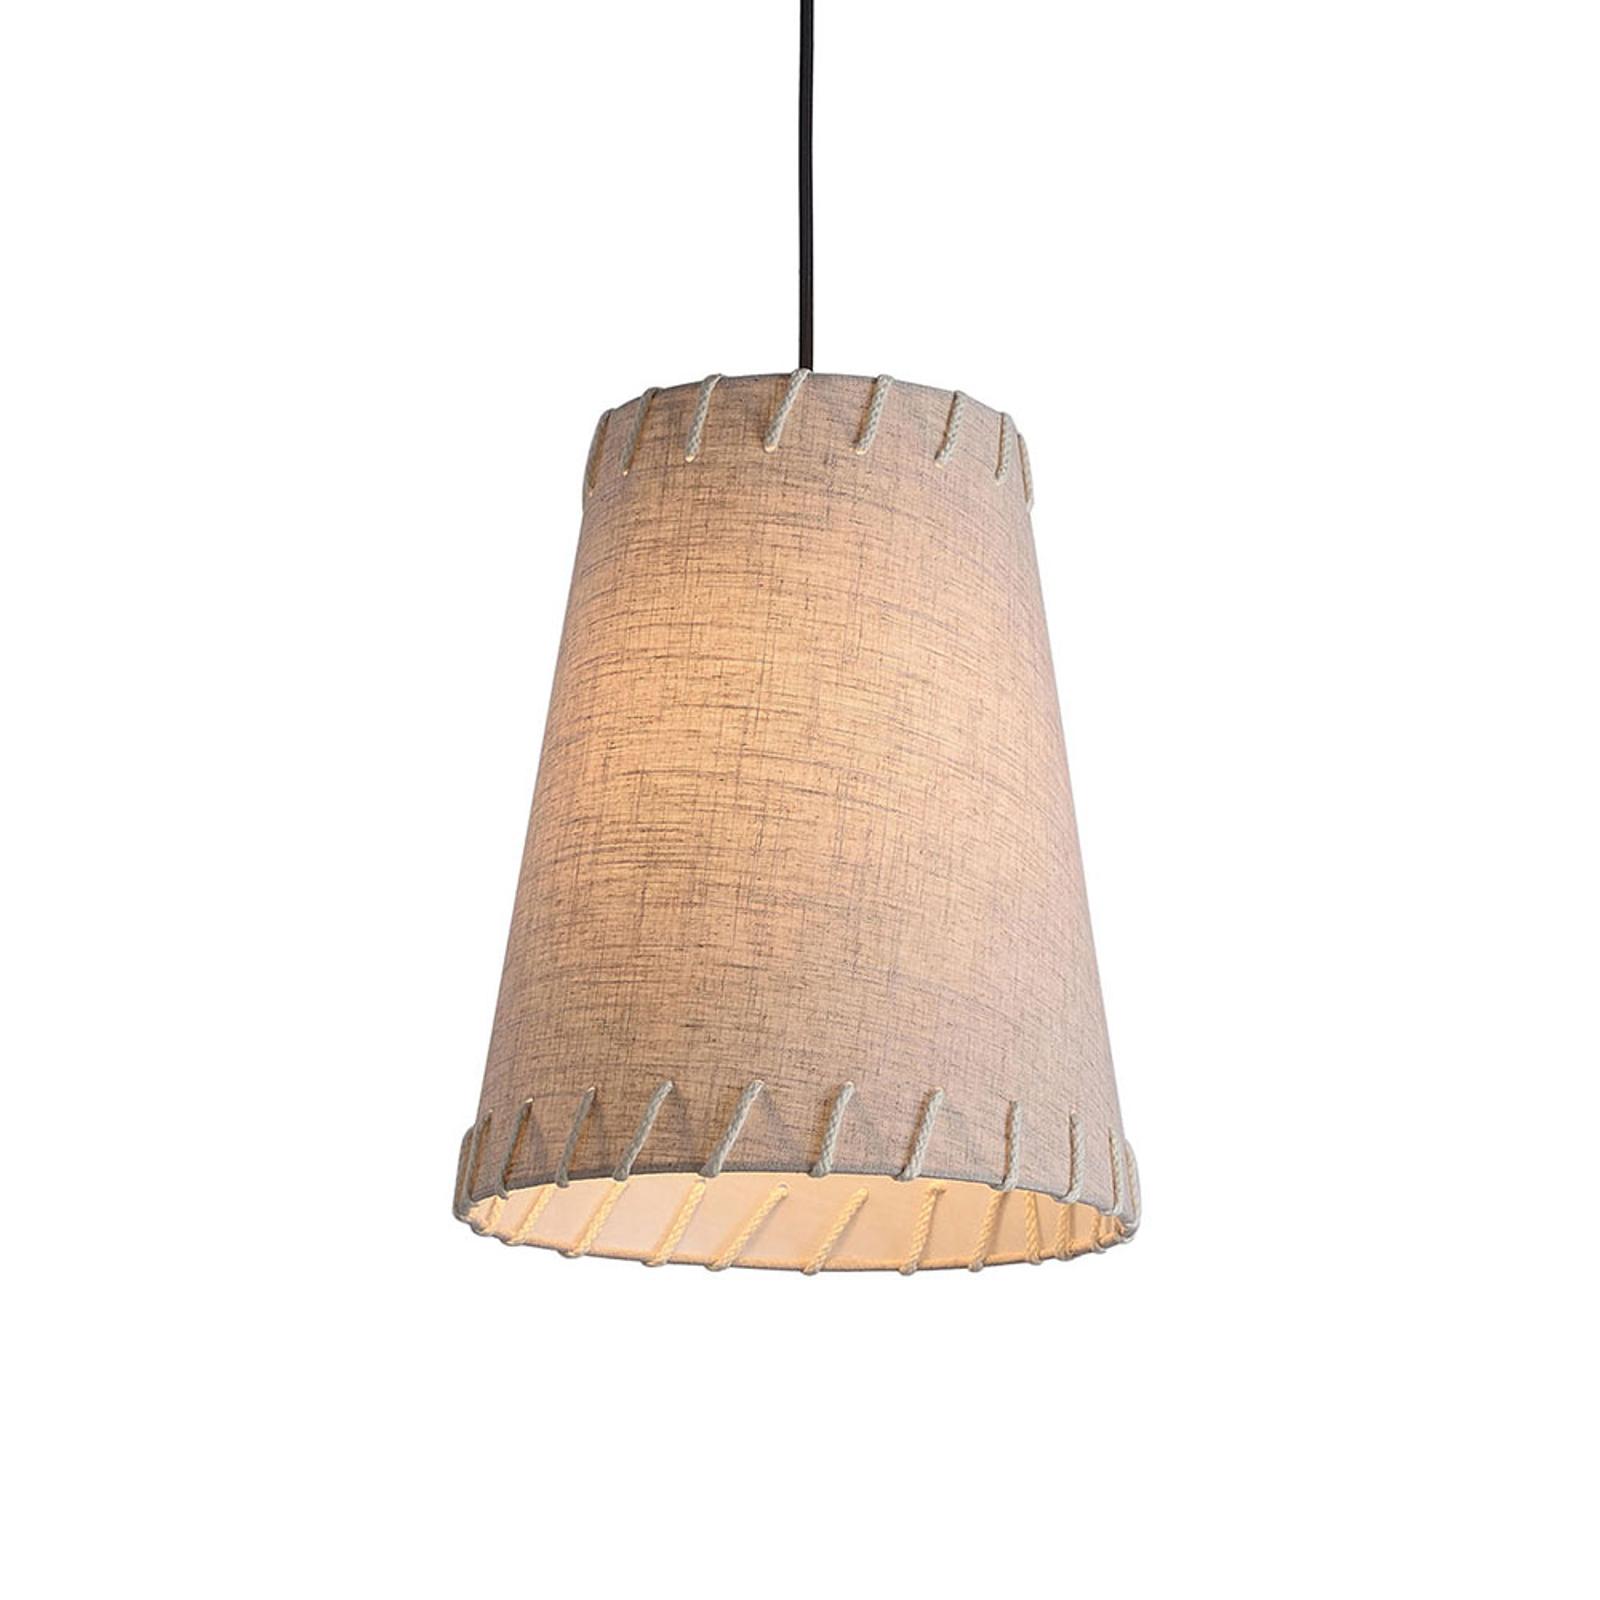 Lampa wisząca Timor, tkanina, beżowa